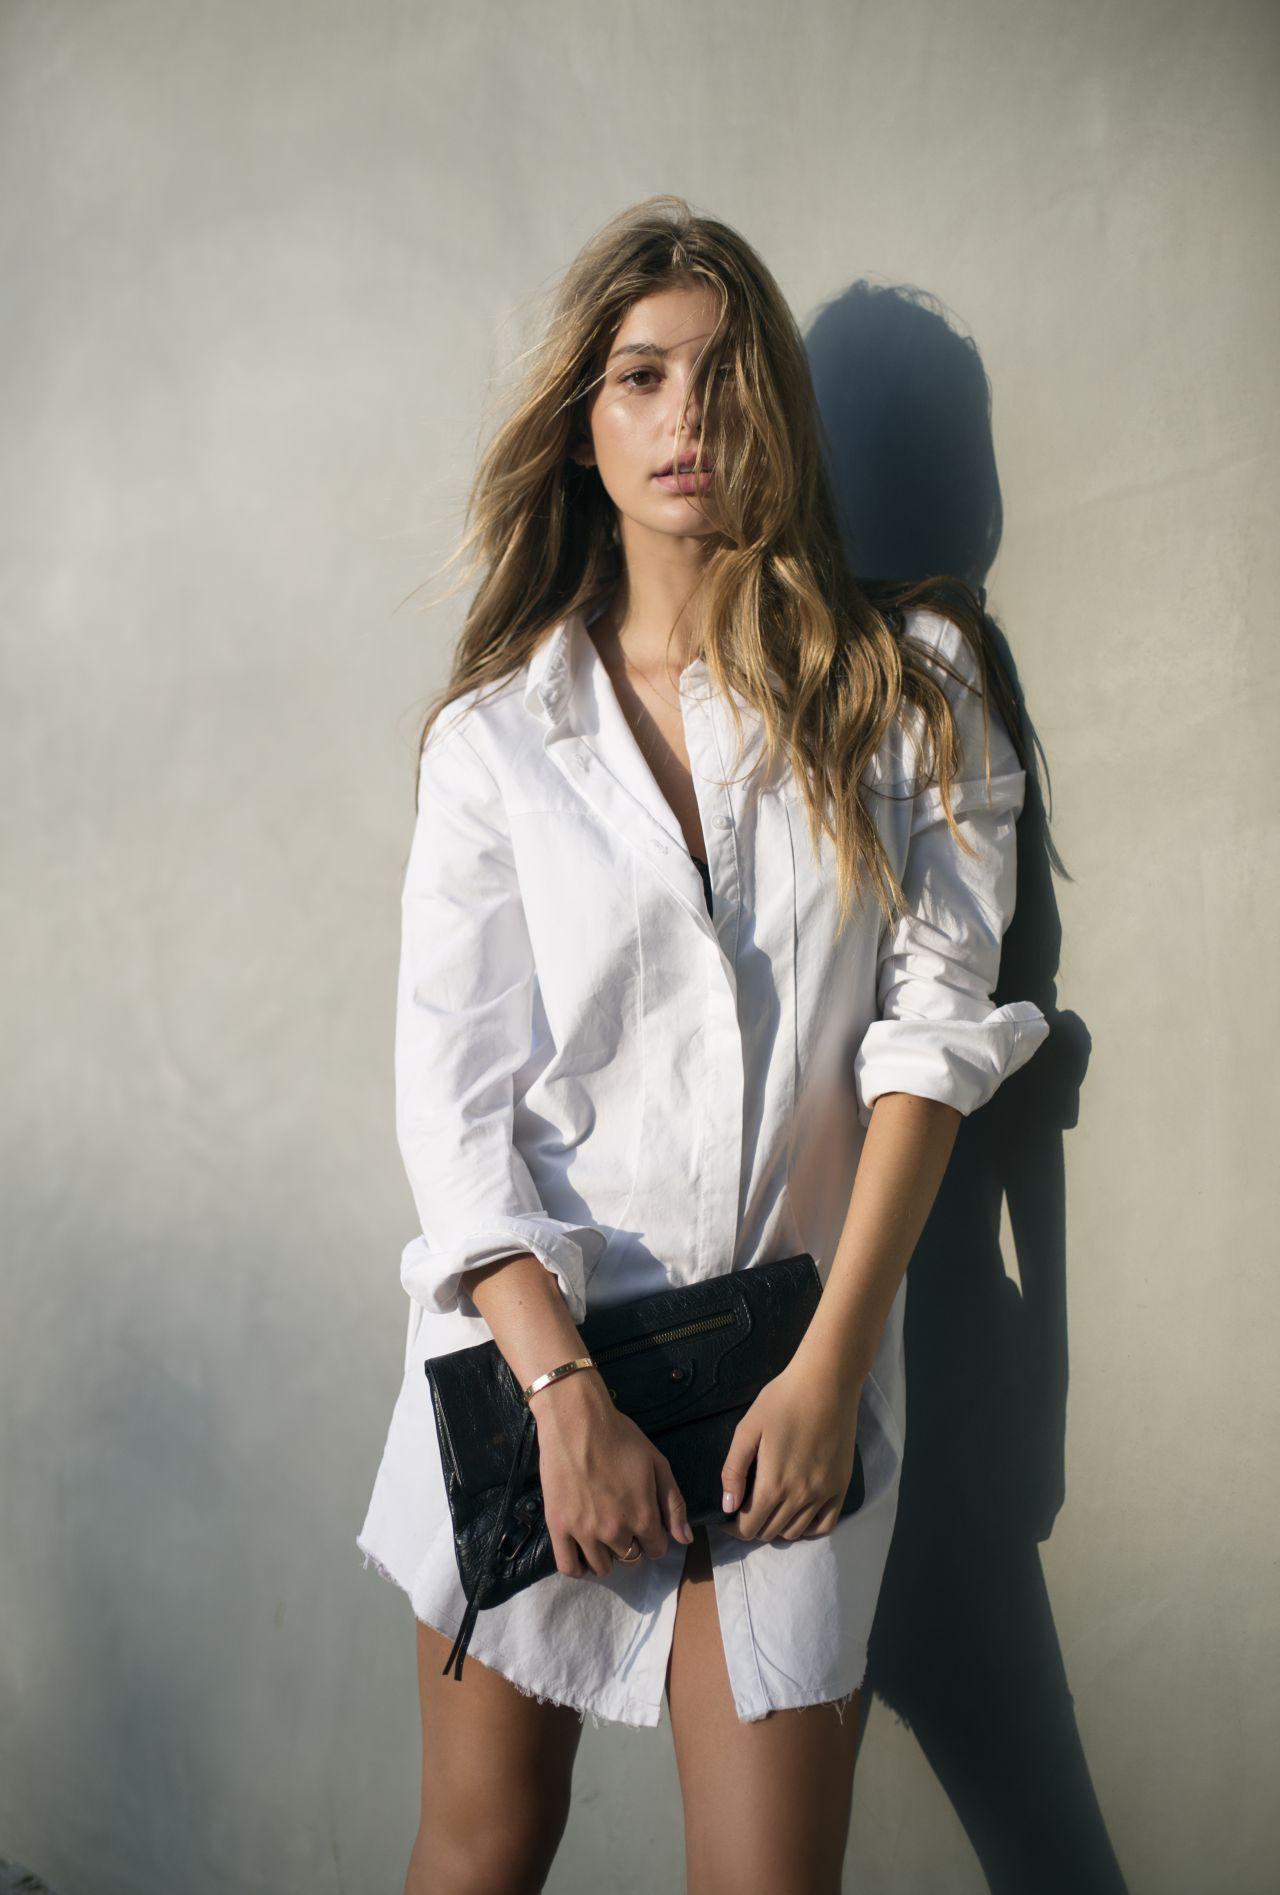 Camila Morrone Photoshoot 2015